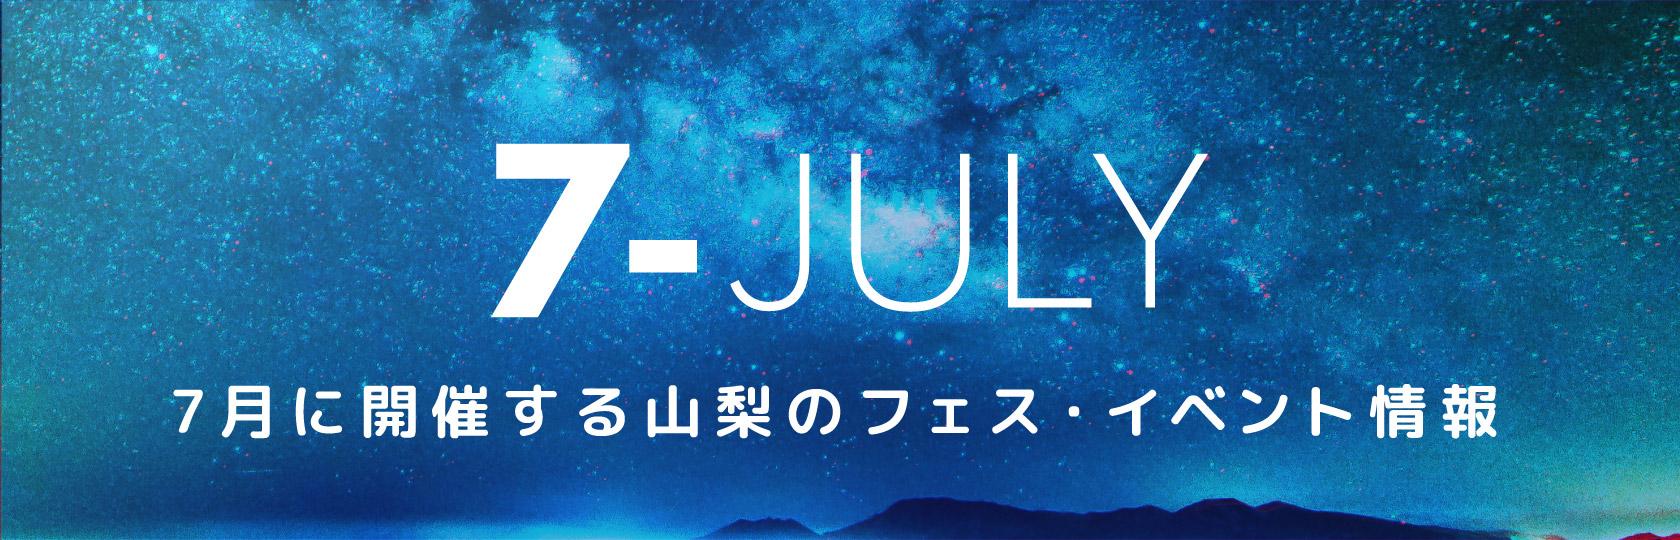 7月に開催する山梨のフェス・イベント情報